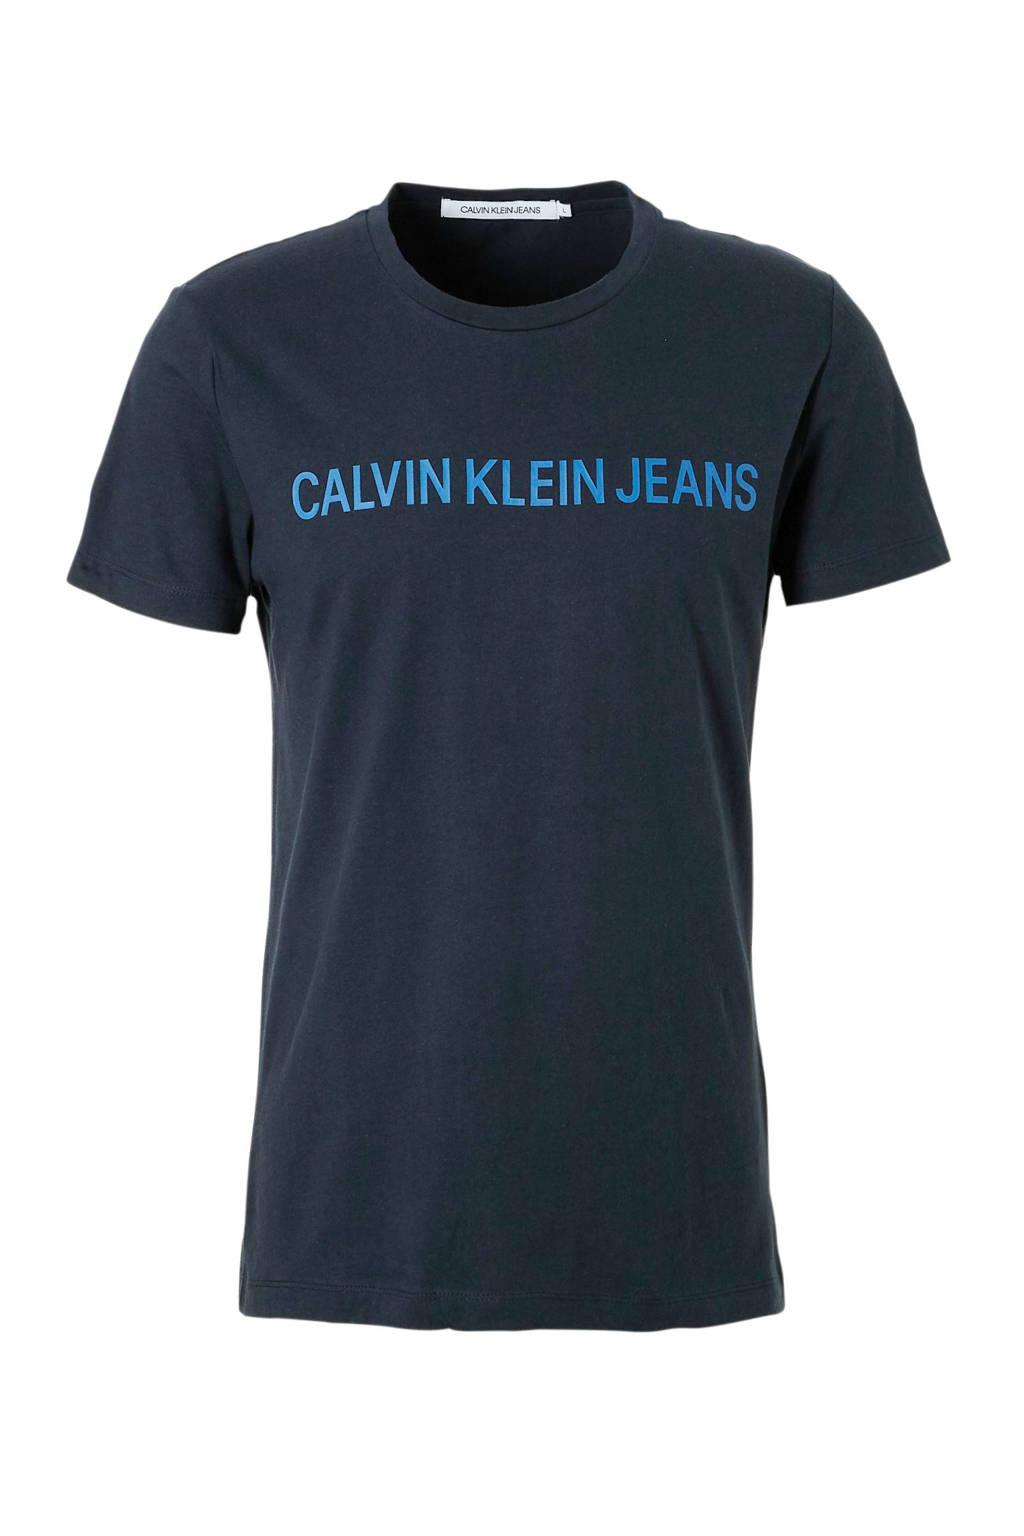 Calvin Klein Jeans T-shirt, Donkerblauw